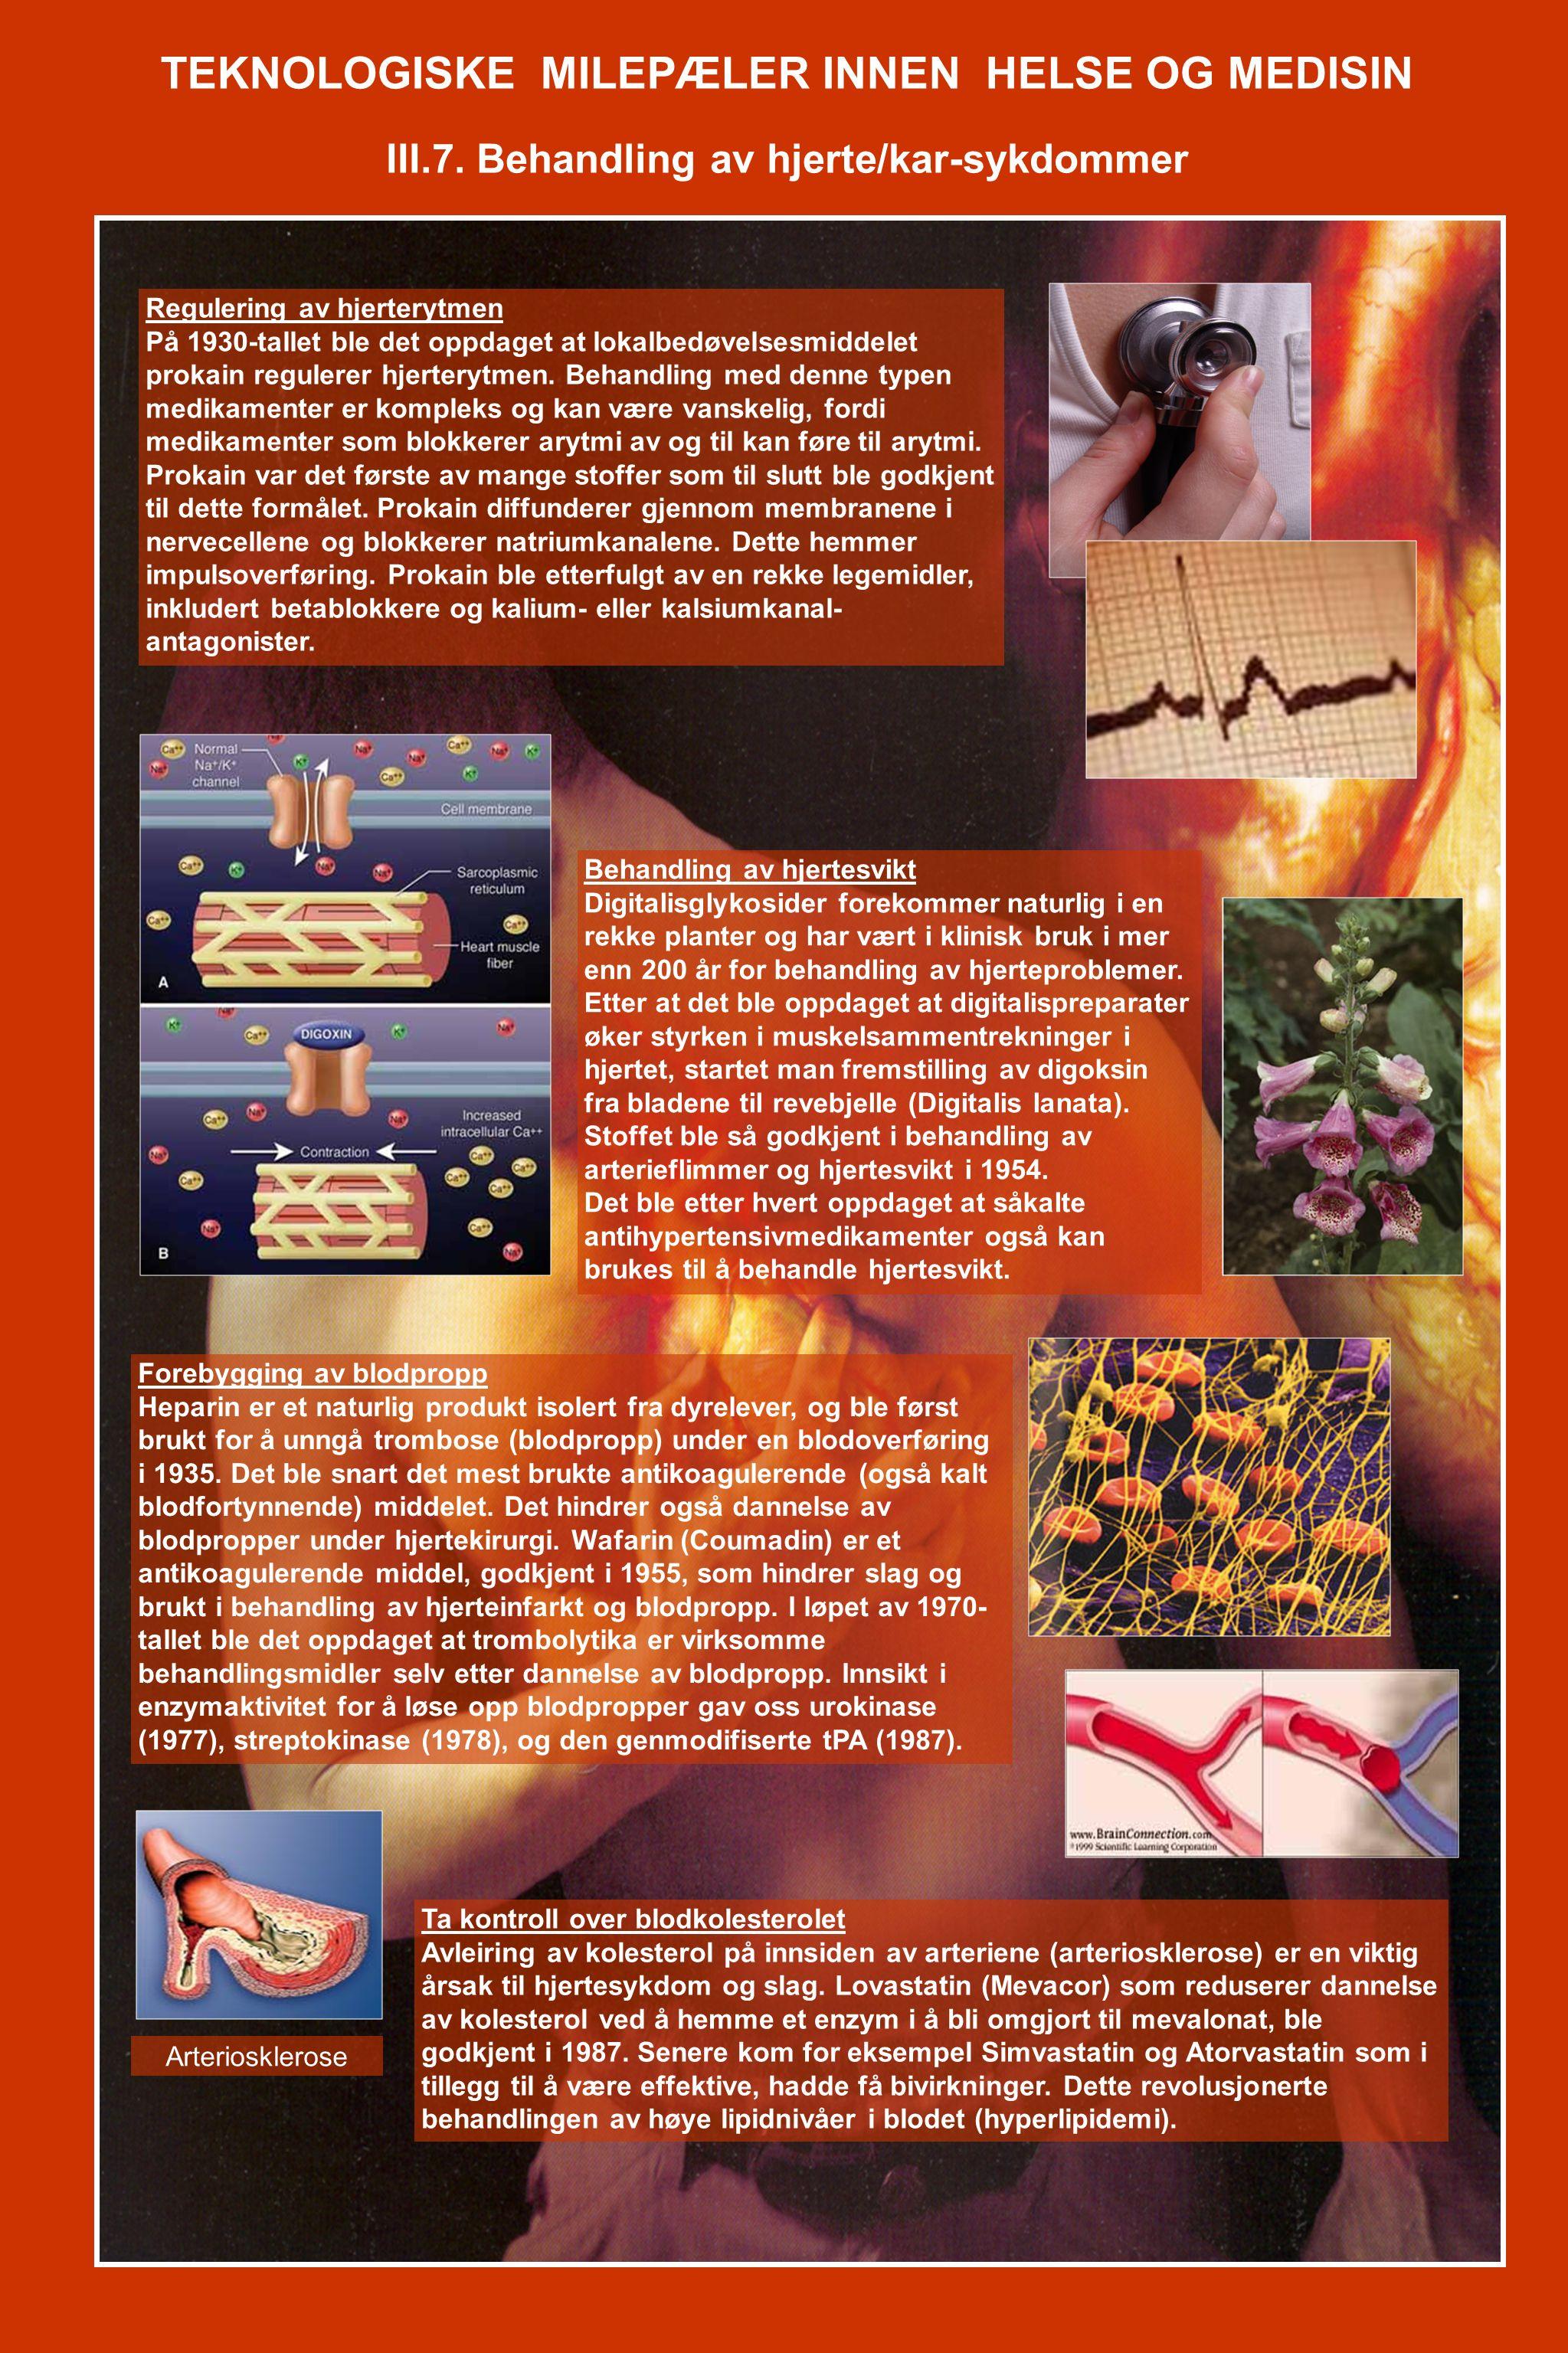 TEKNOLOGISKE MILEPÆLER INNEN HELSE OG MEDISIN III.7. Behandling av hjerte/kar-sykdommer Regulering av hjerterytmen På 1930-tallet ble det oppdaget at